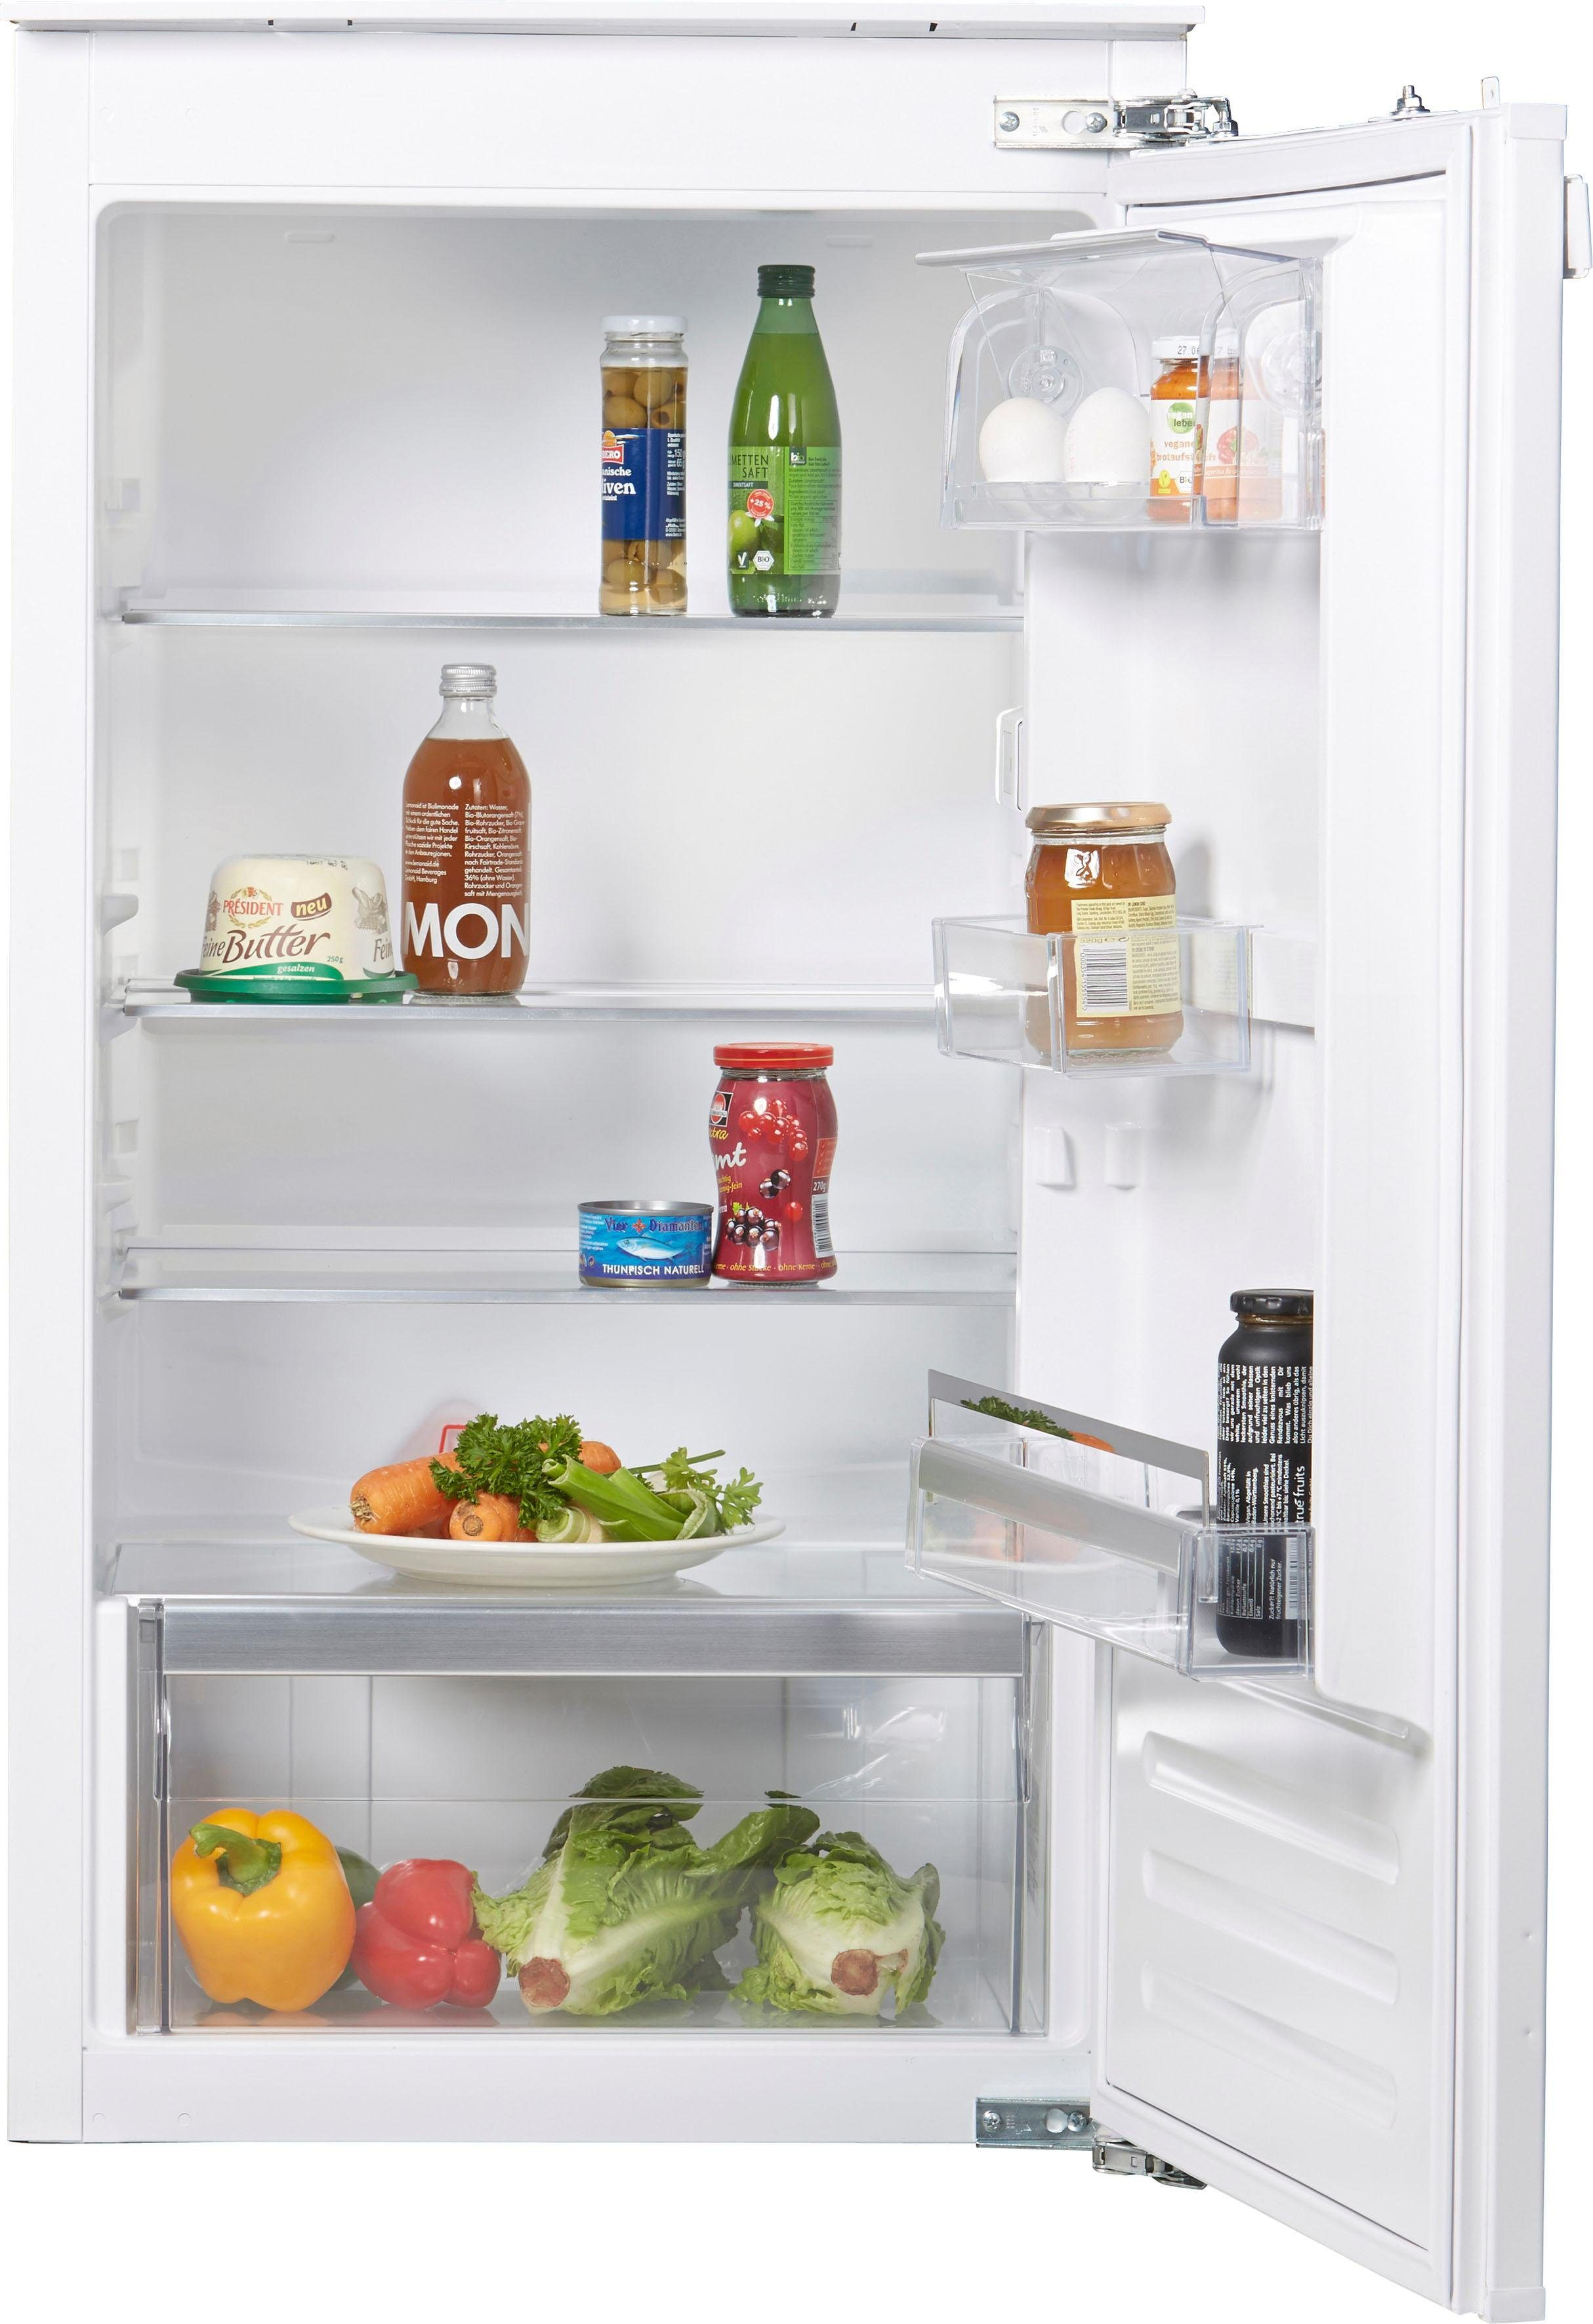 BAUKNECHT Einbaukühlschrank KRIE 1103 A++, 102,1 cm hoch, 55,7 cm breit